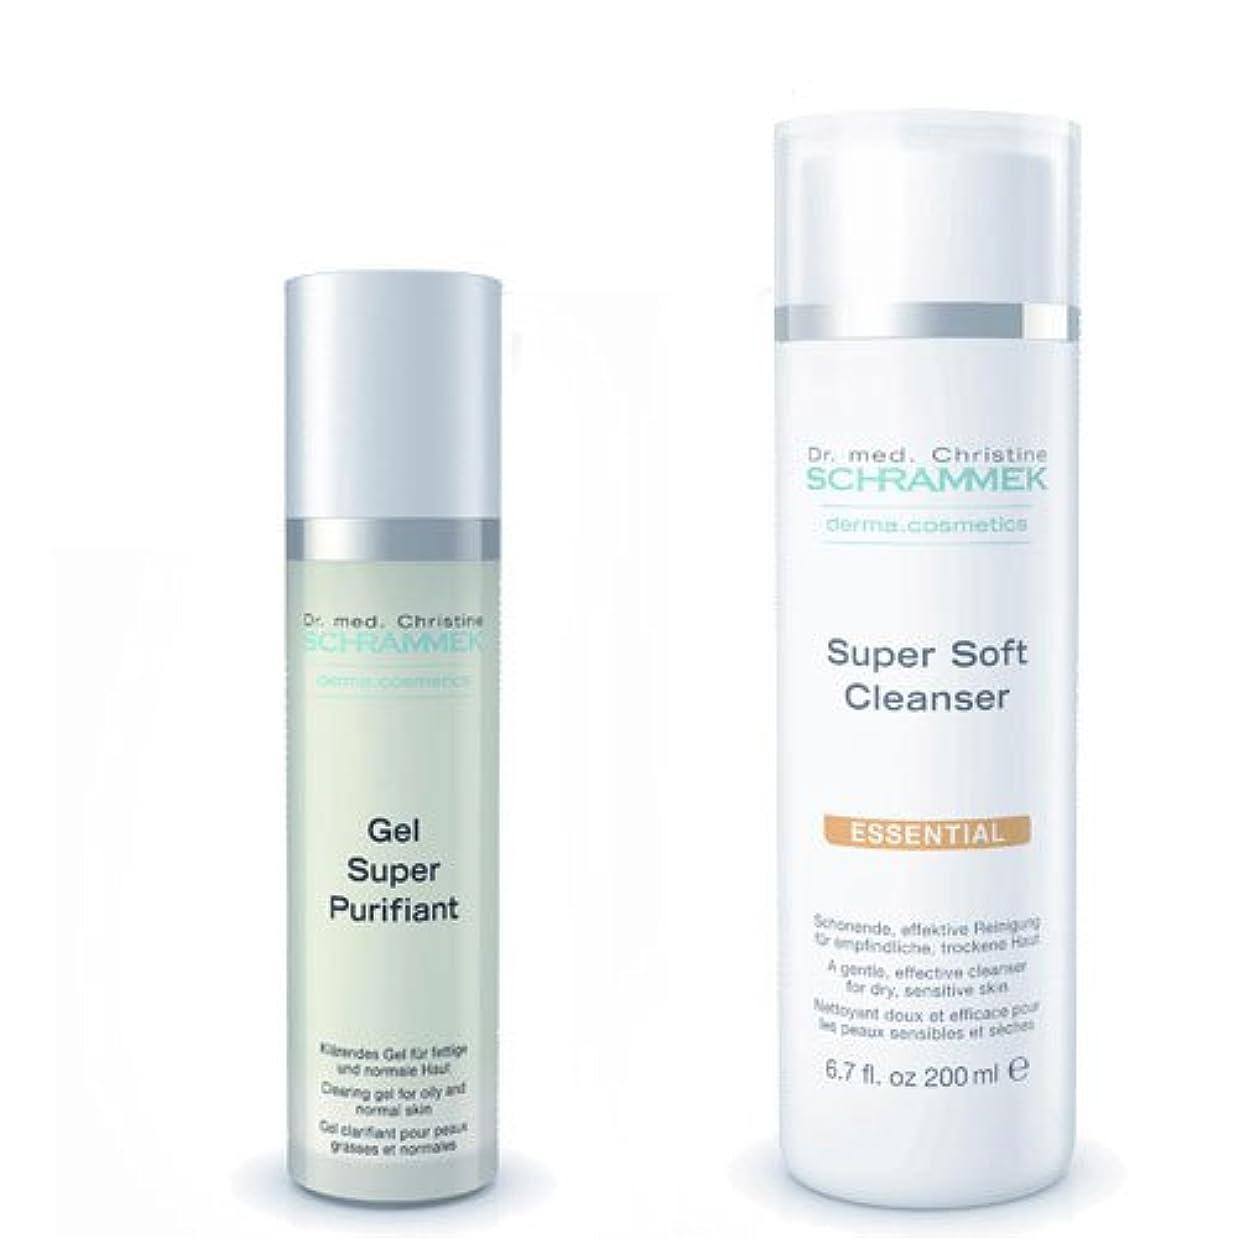 わざわざズームインするリズムシュラメック 「GREEN PEEL 洗顔2点セット(ノーマル肌?敏感肌?乾燥肌用)」 スーパーソフトクレンザー&ジェルスーパーピュリフィアント